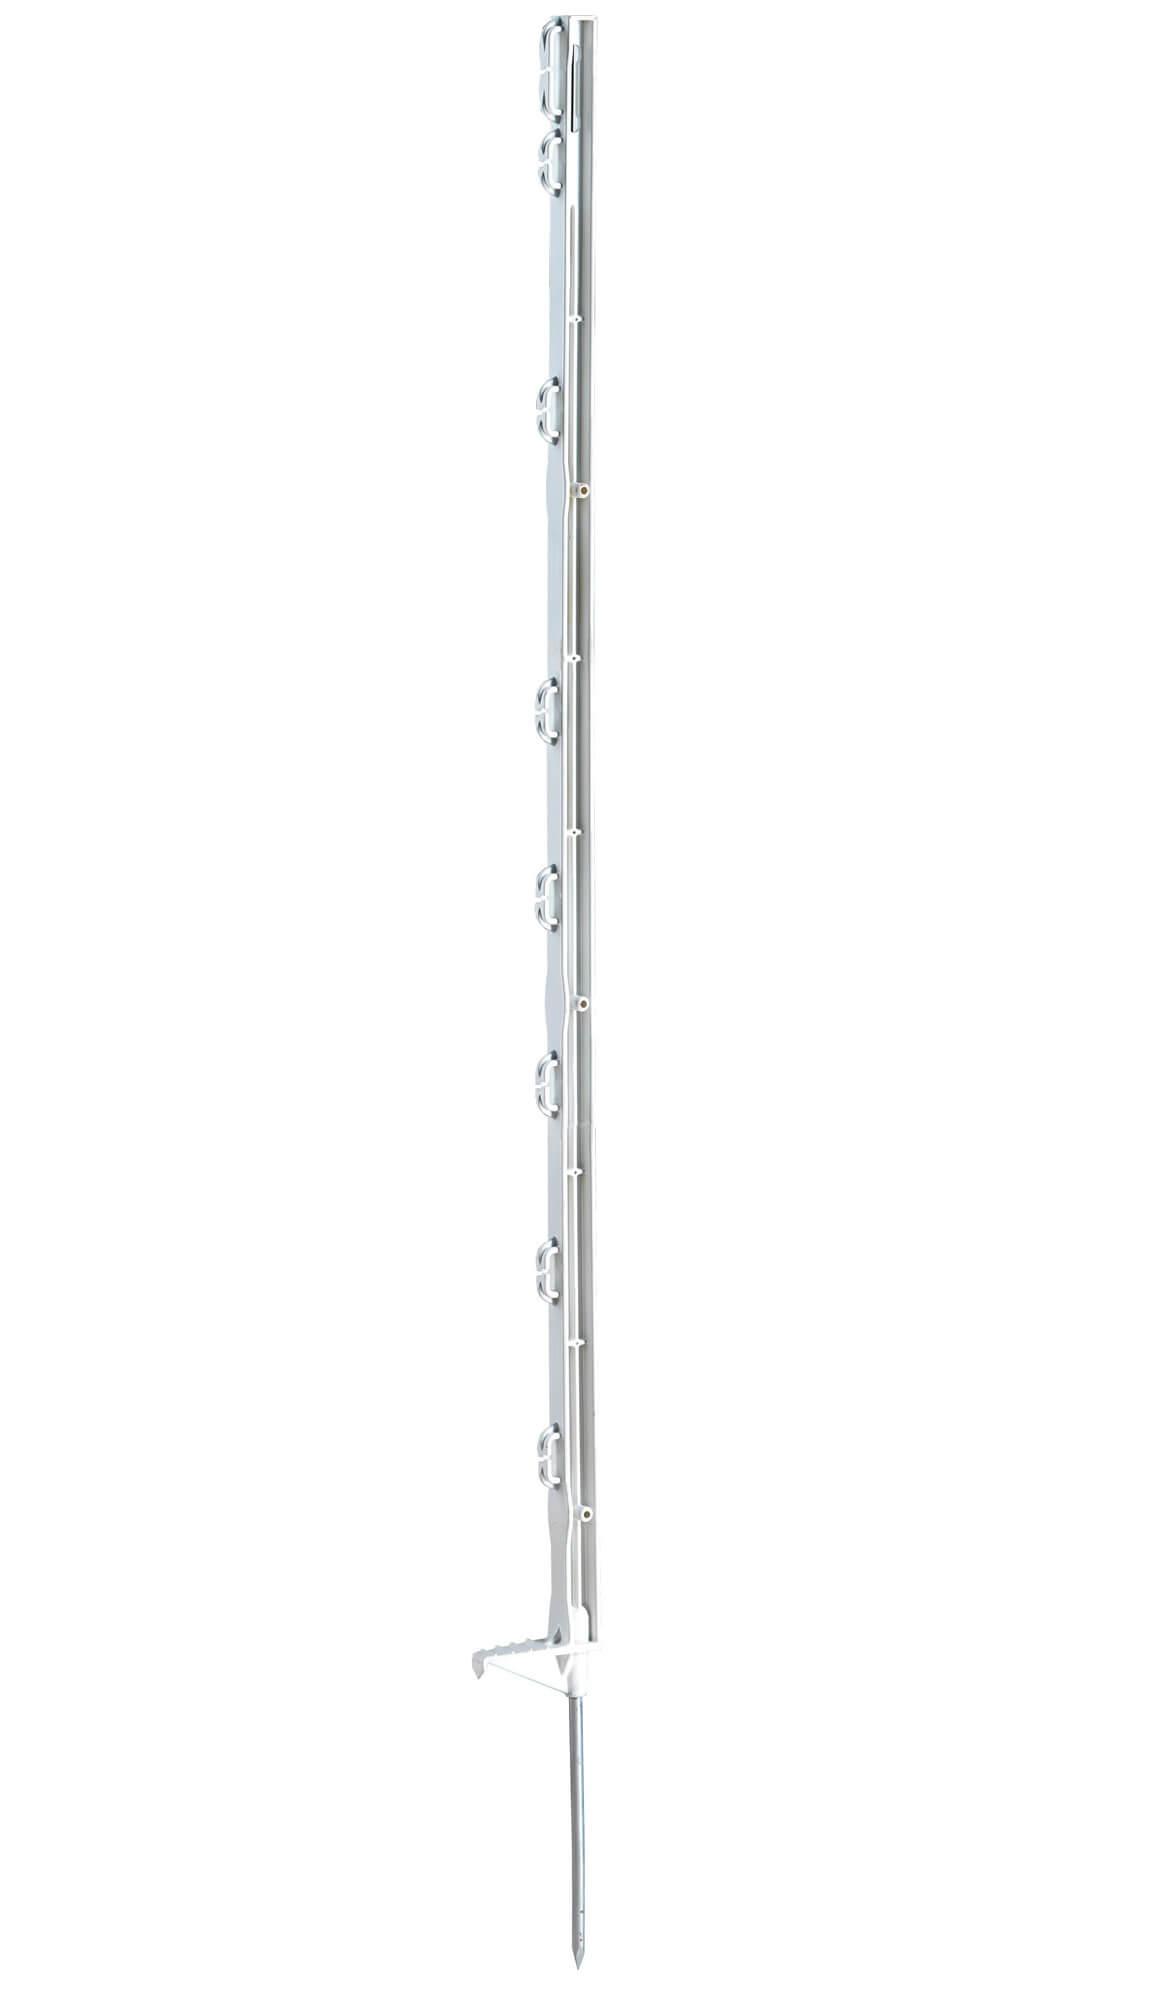 Kunststoffpfahl Eco weiß 105 cm - Einzeltritt